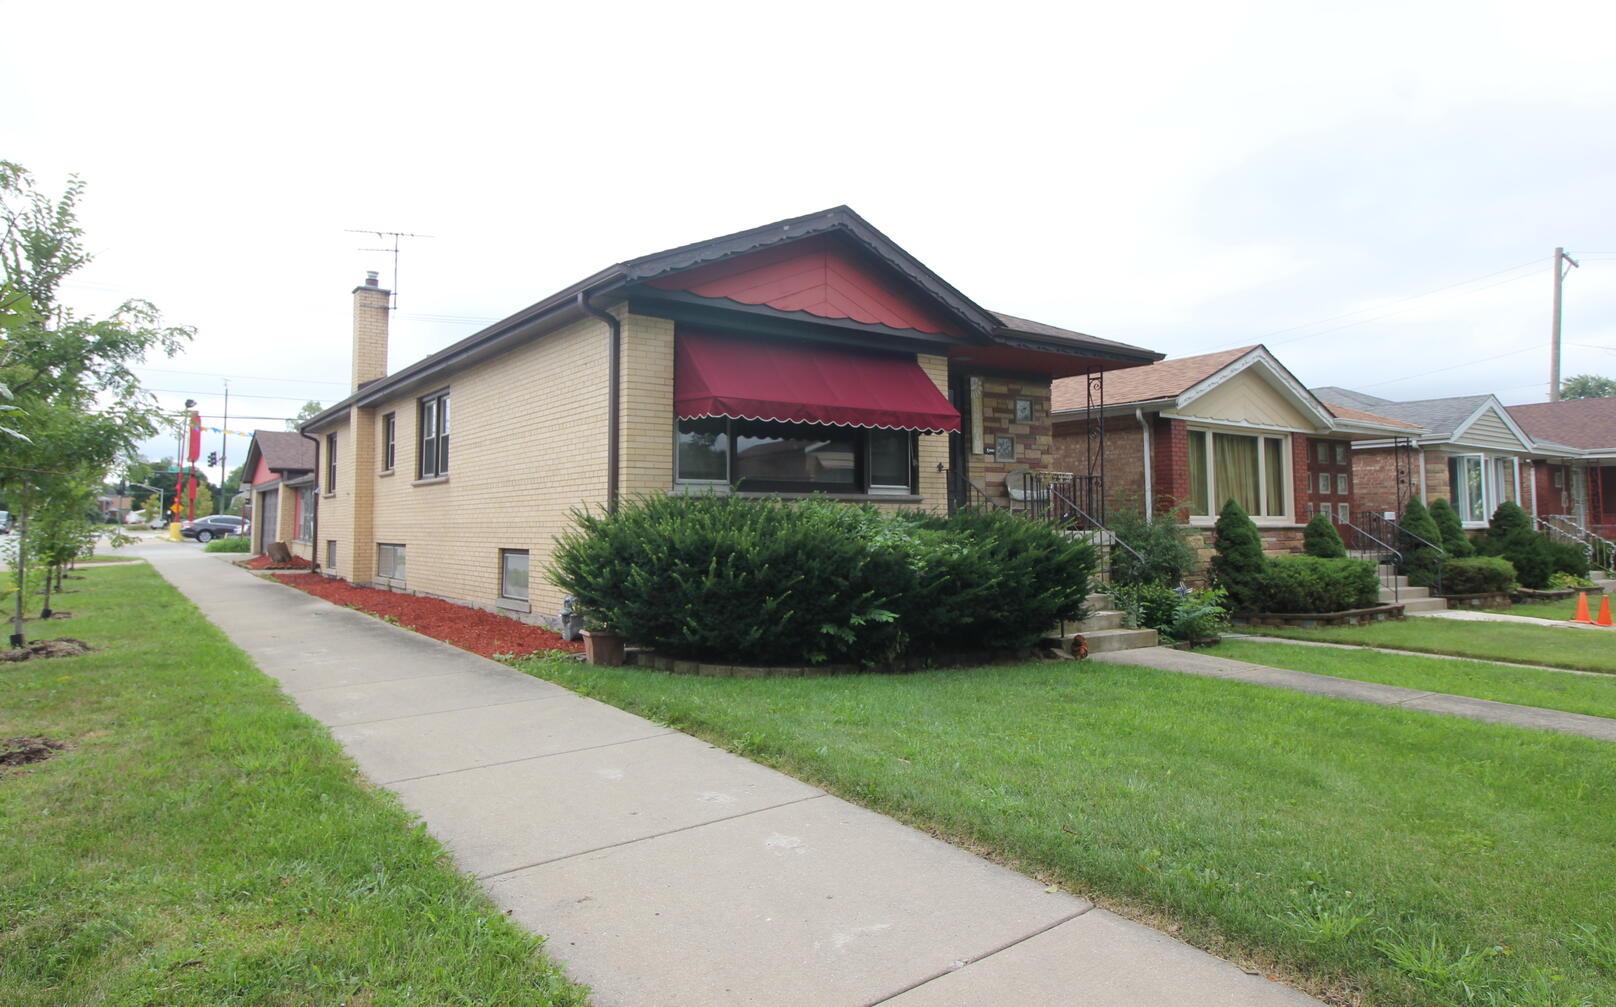 Photo of 11501 Artesian Chicago IL 60655